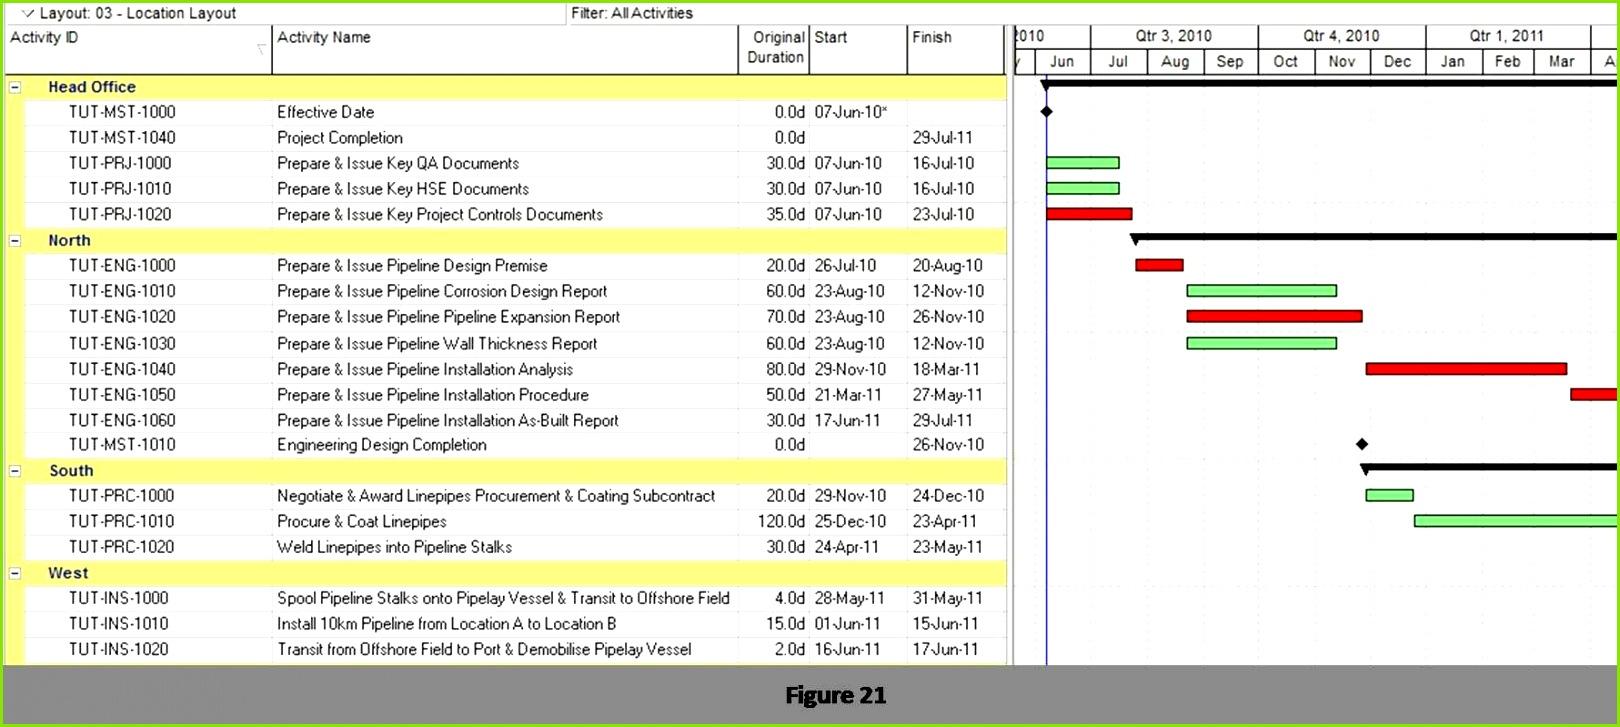 Lieferschein Vorlage Excel Neu Bwa Vorlage Excel Elegant Vorlagen Flyer Beispiel Arbeitsblatt Die Besten Lieferschein